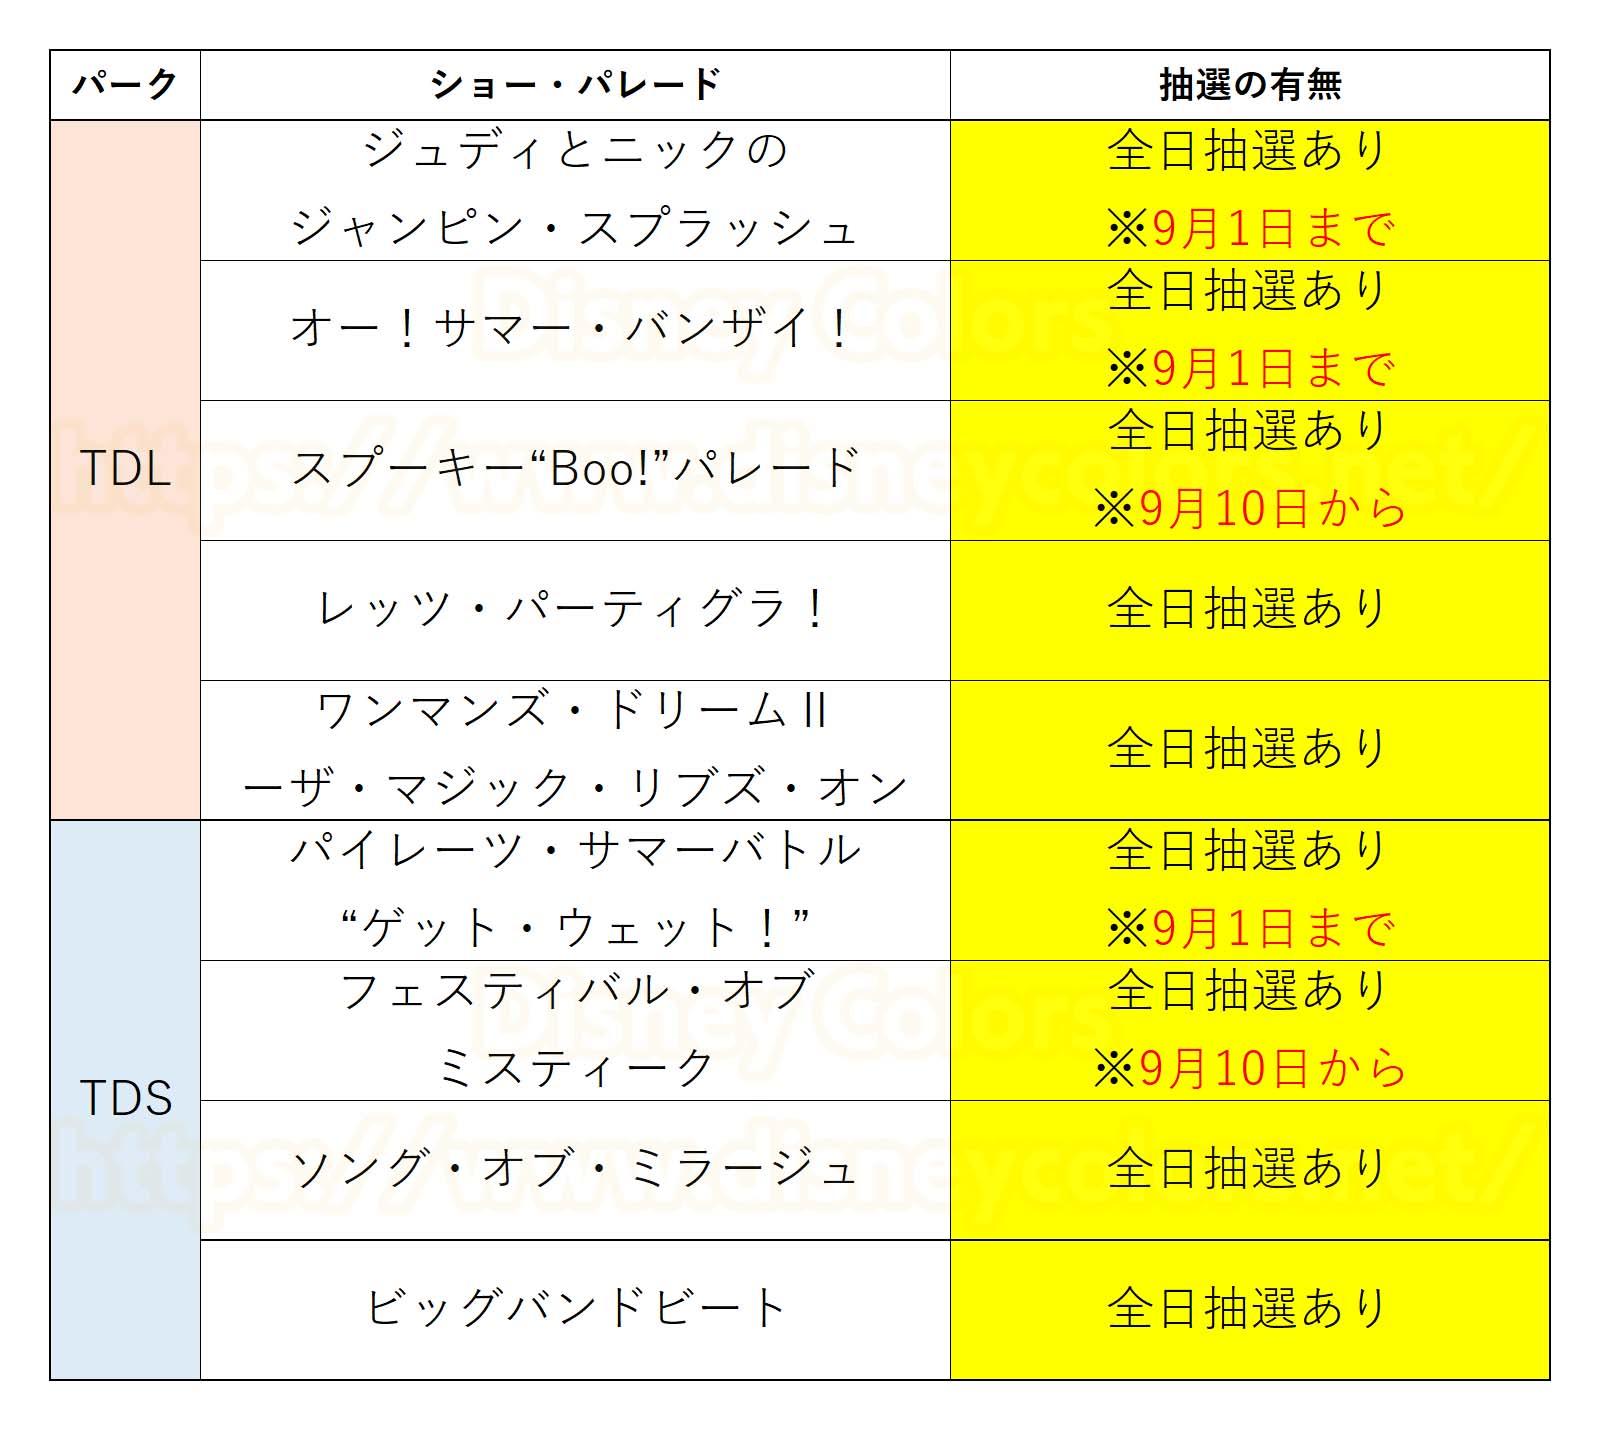 東京ディズニーランド 東京ディズニーシー 2019年9月 ショー抽選実施日